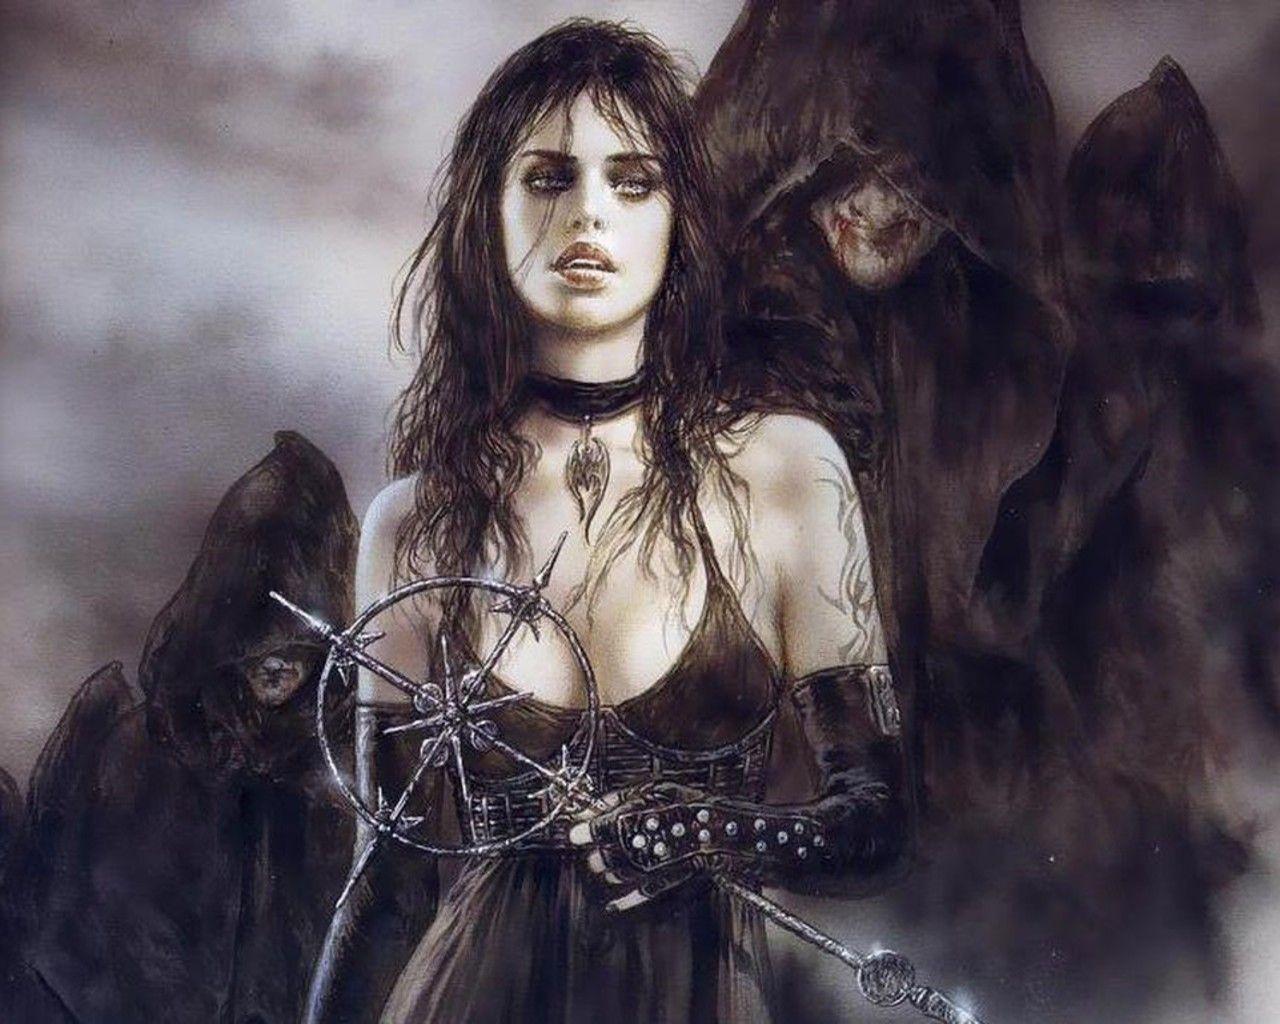 фото упыри ведьмы дракона треугольника равна